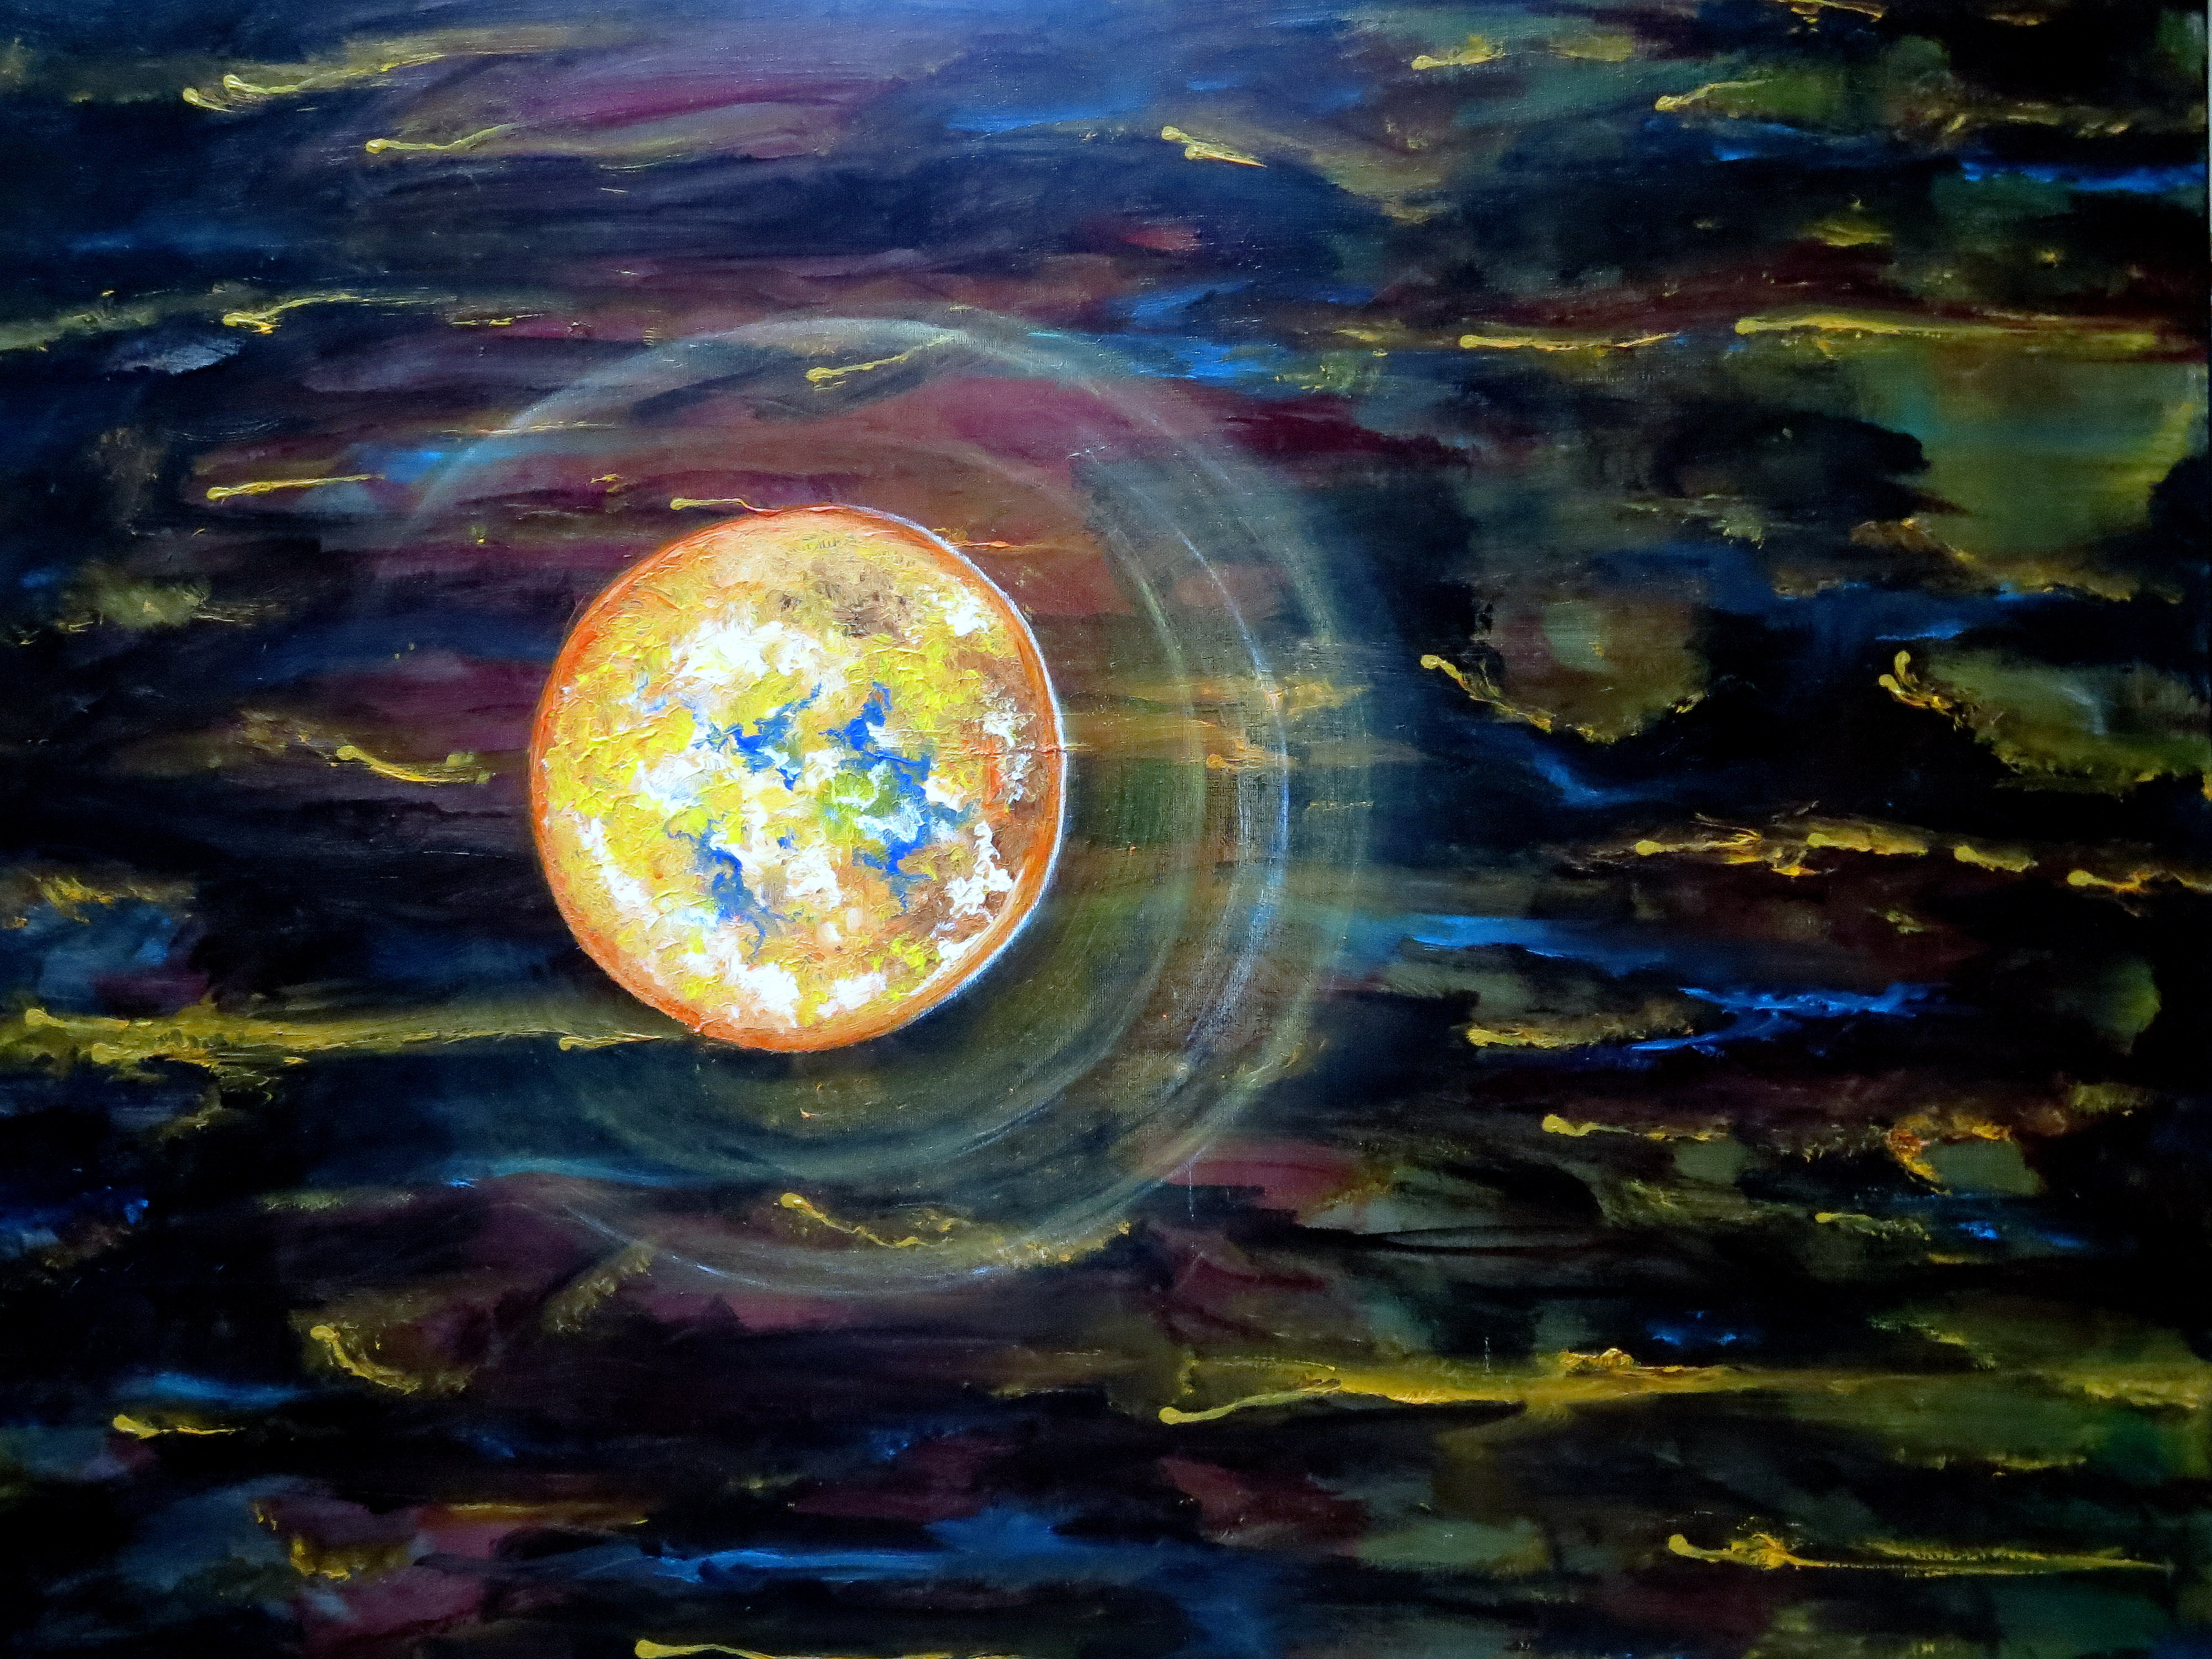 Exoplanete X, Huile et  Acrylique 1m-1m. 01-2014, detail